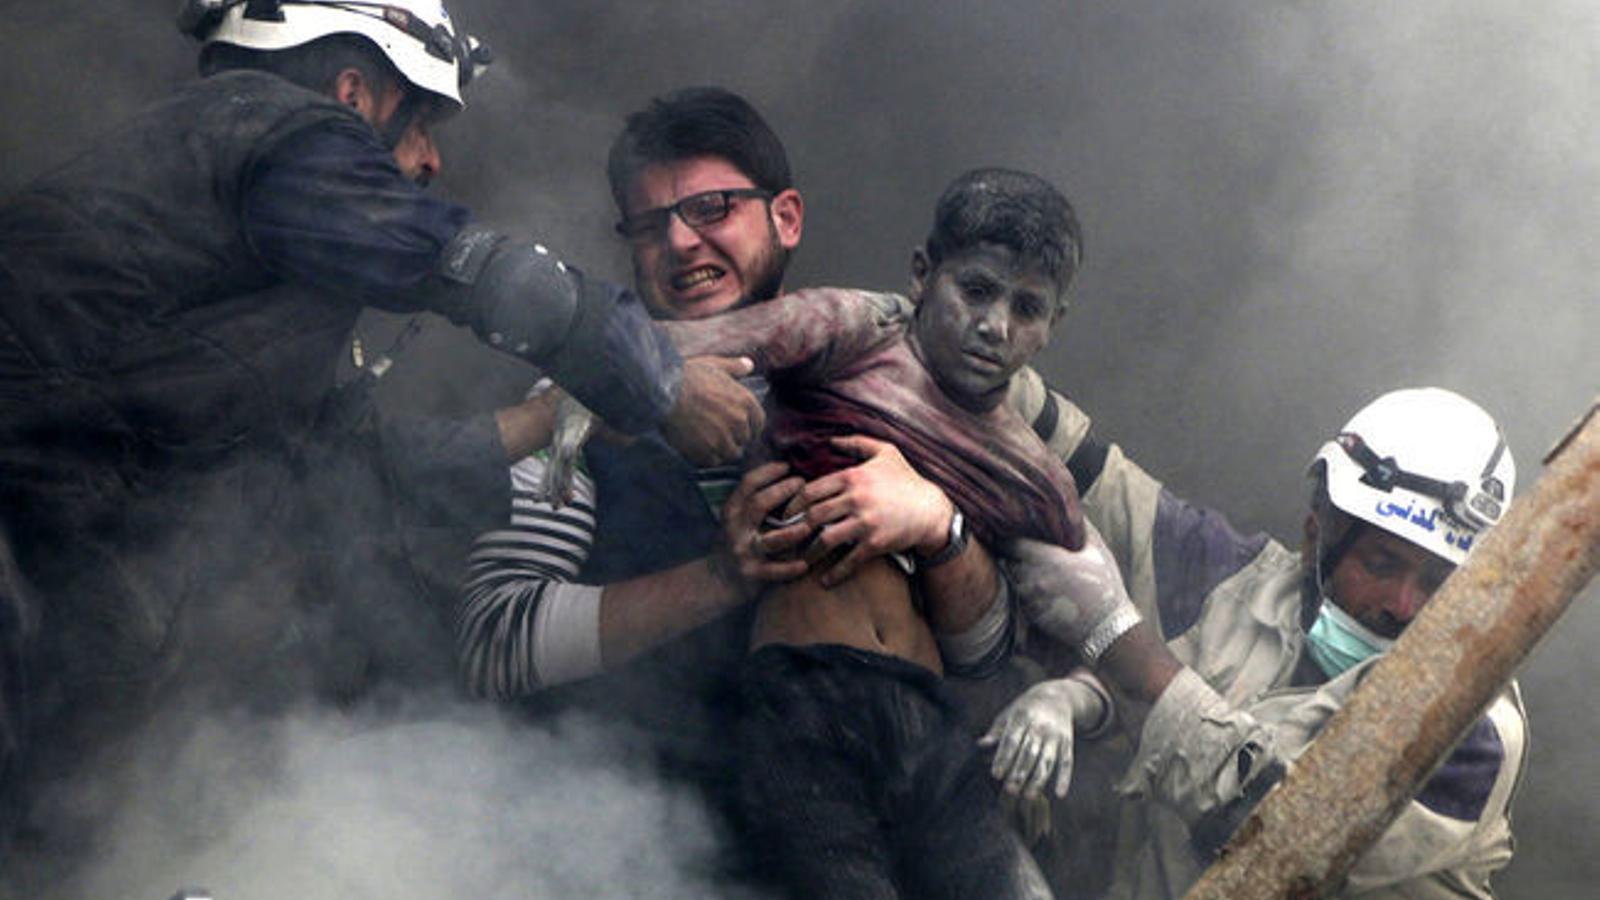 El Nobel alternatiu per als voluntaris que rescaten víctimes de la guerra